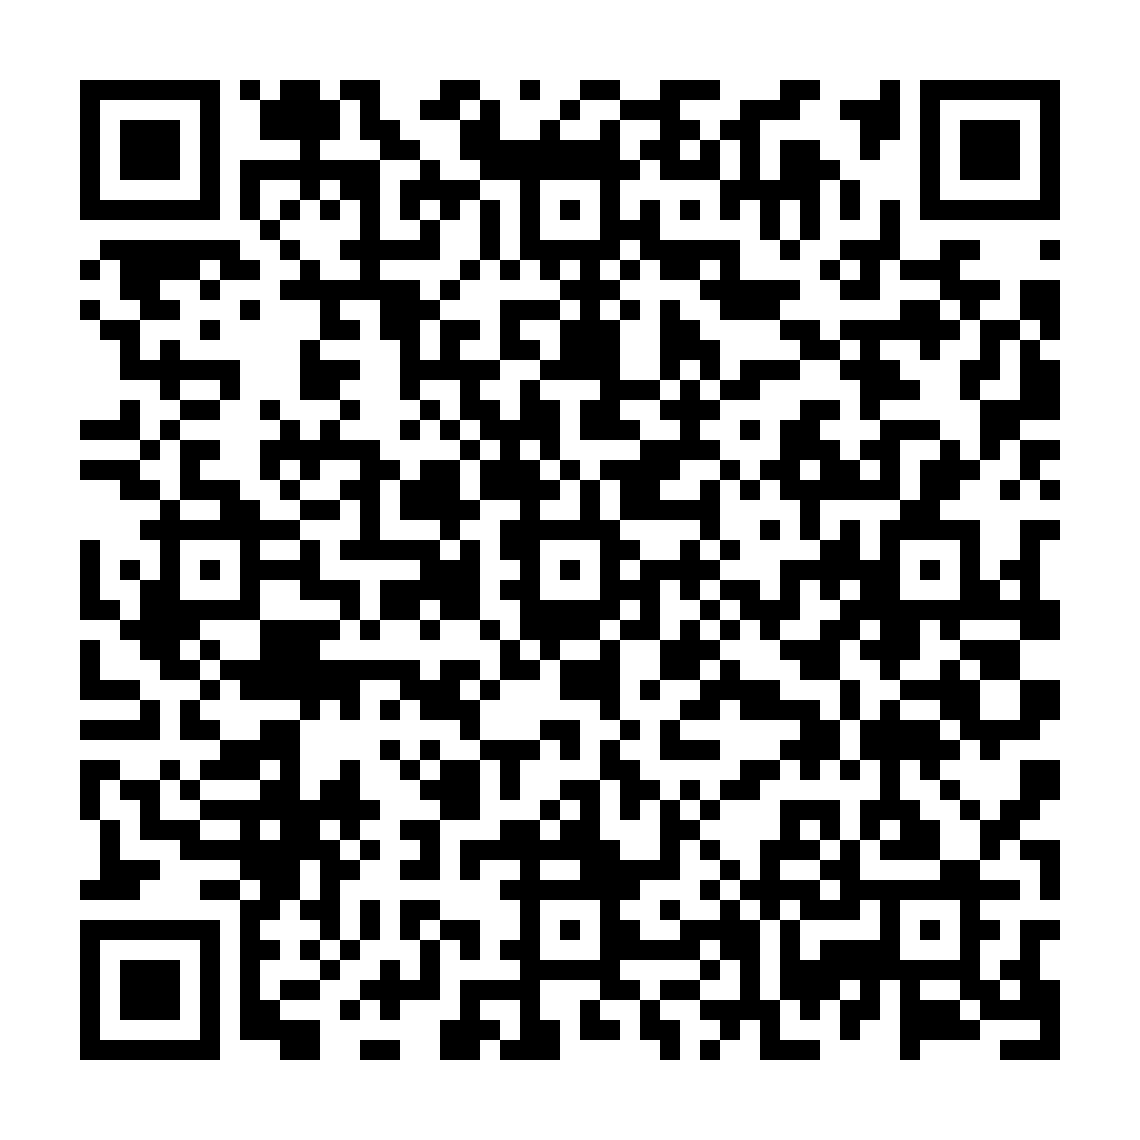 siti di incontri gratuiti per professionisti oltre 40